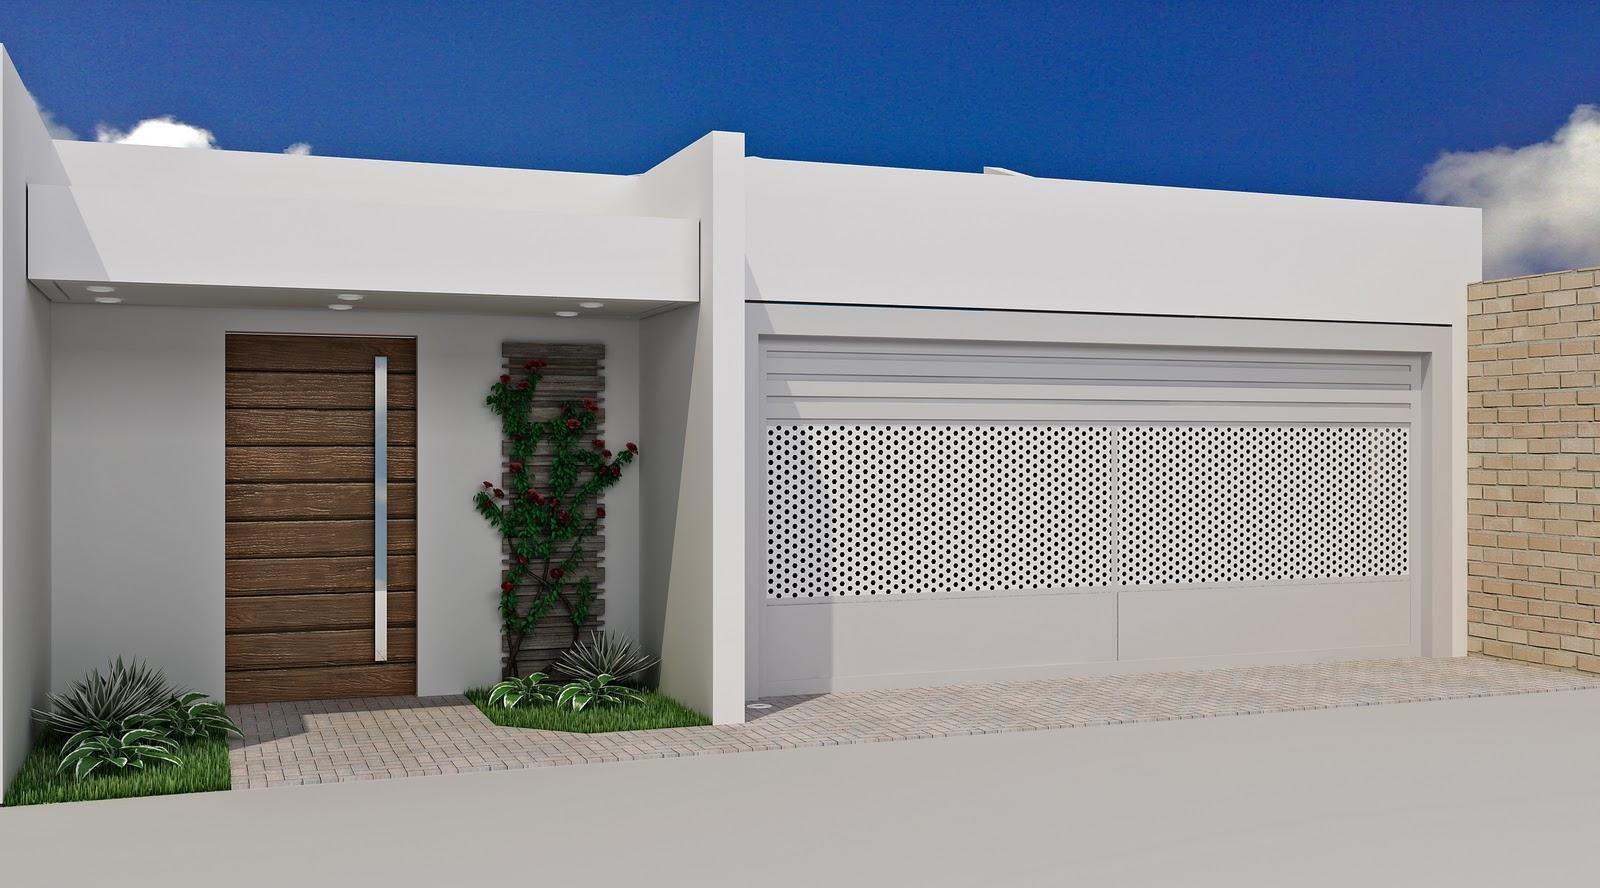 60 modelos de muros residenciais fachadas fotos e dicas for Casa moderna 7x15